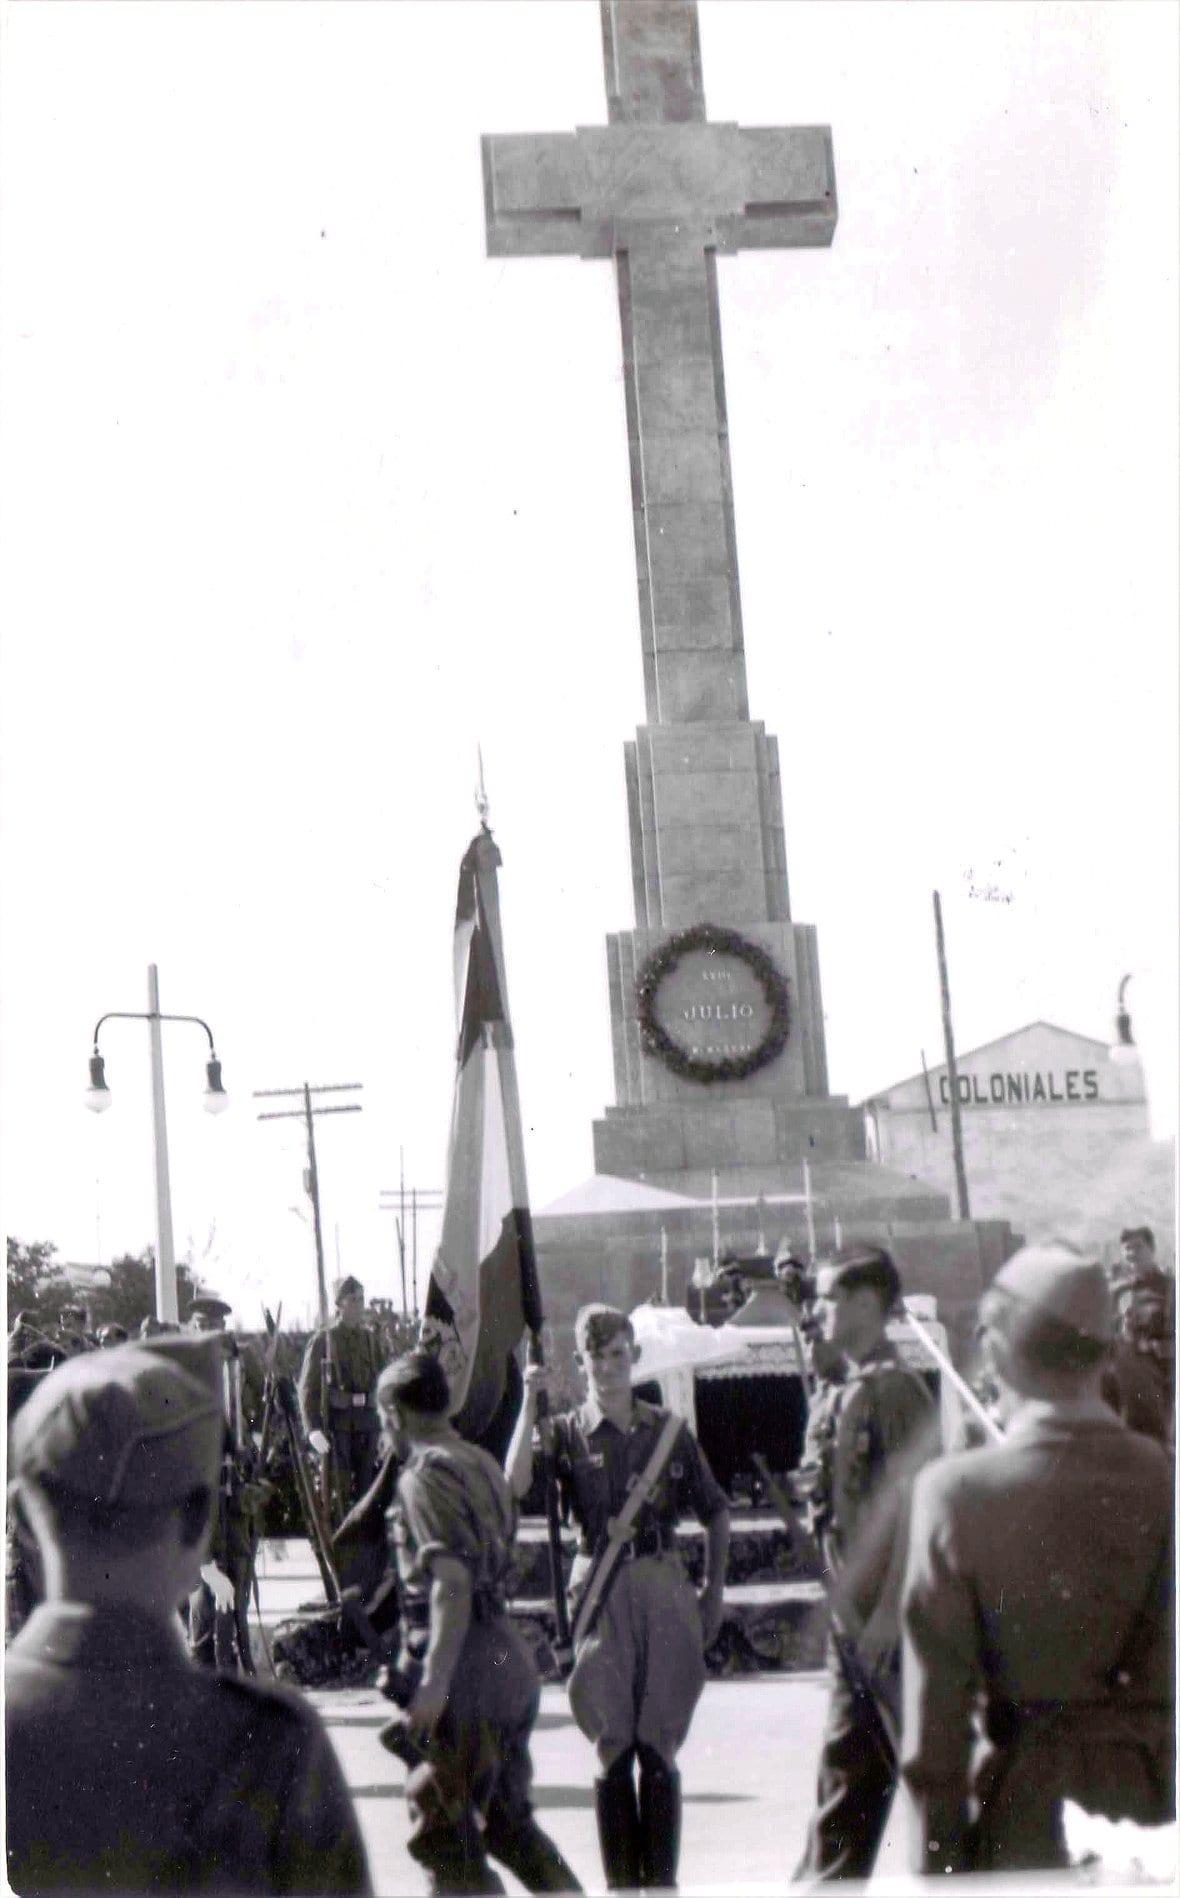 1938 - Inauguración de la Cruz de los Caídos de Cáceres